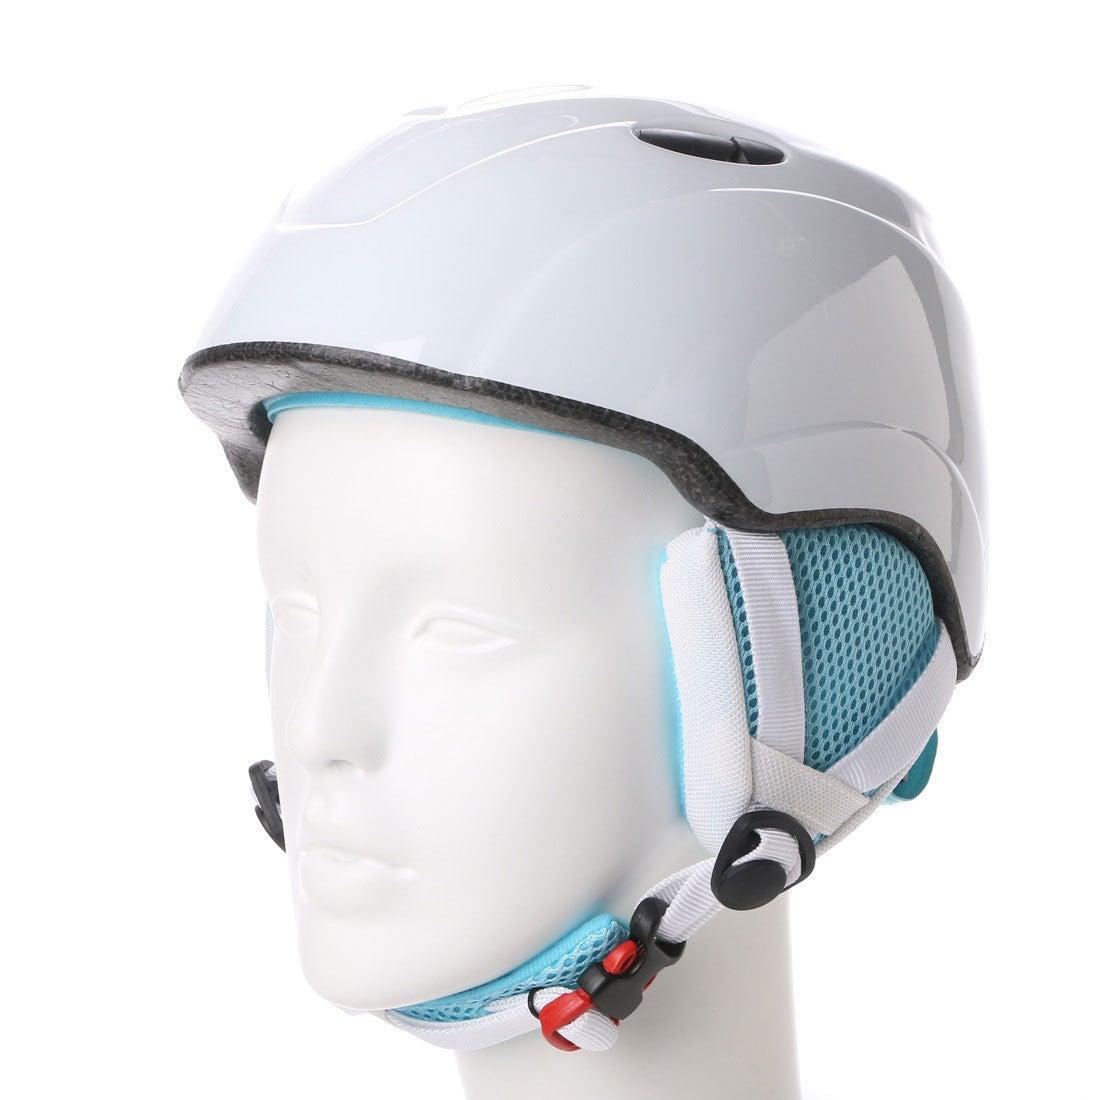 ヘッド HEAD ジュニア スキー/スノーボード ヘルメット ヘッド 子供用スノーヘルメット キューティー CUTIE 186 (ホワイト)